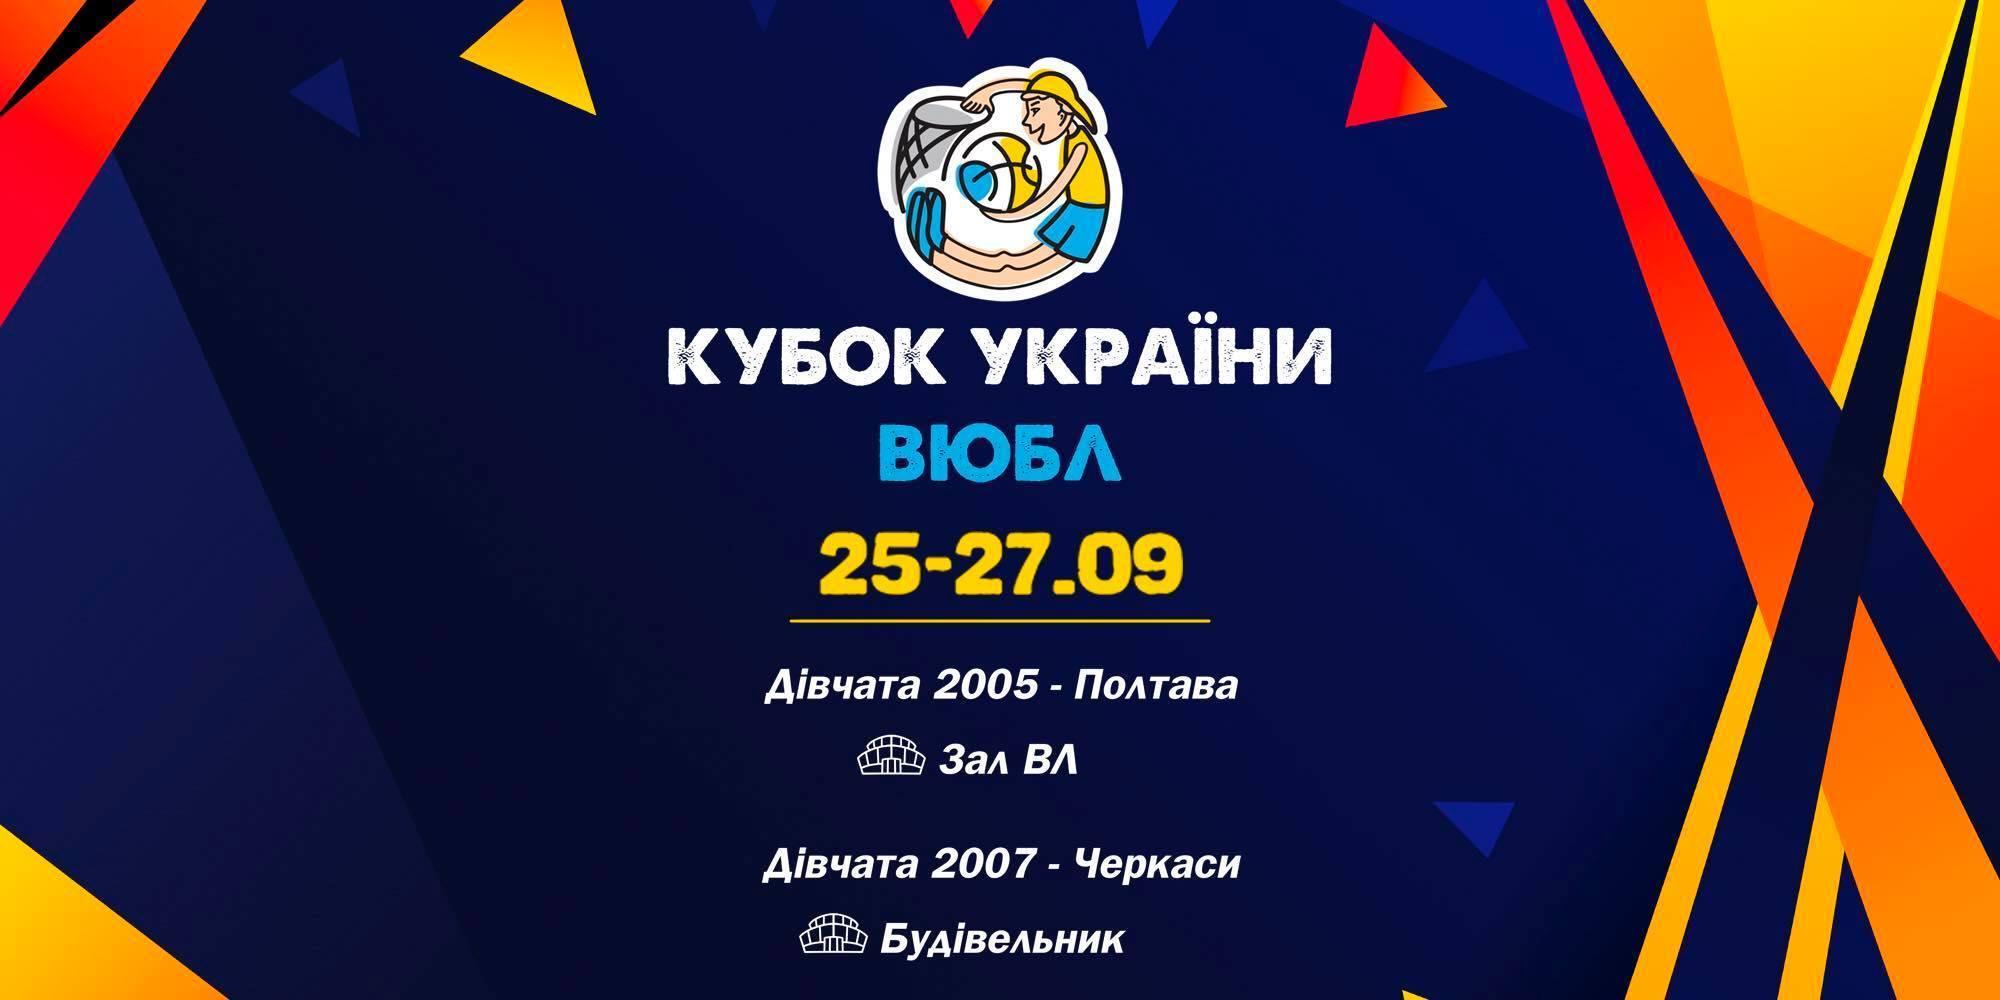 Кубок ВЮБЛ: відеотрансляція 26 вересня